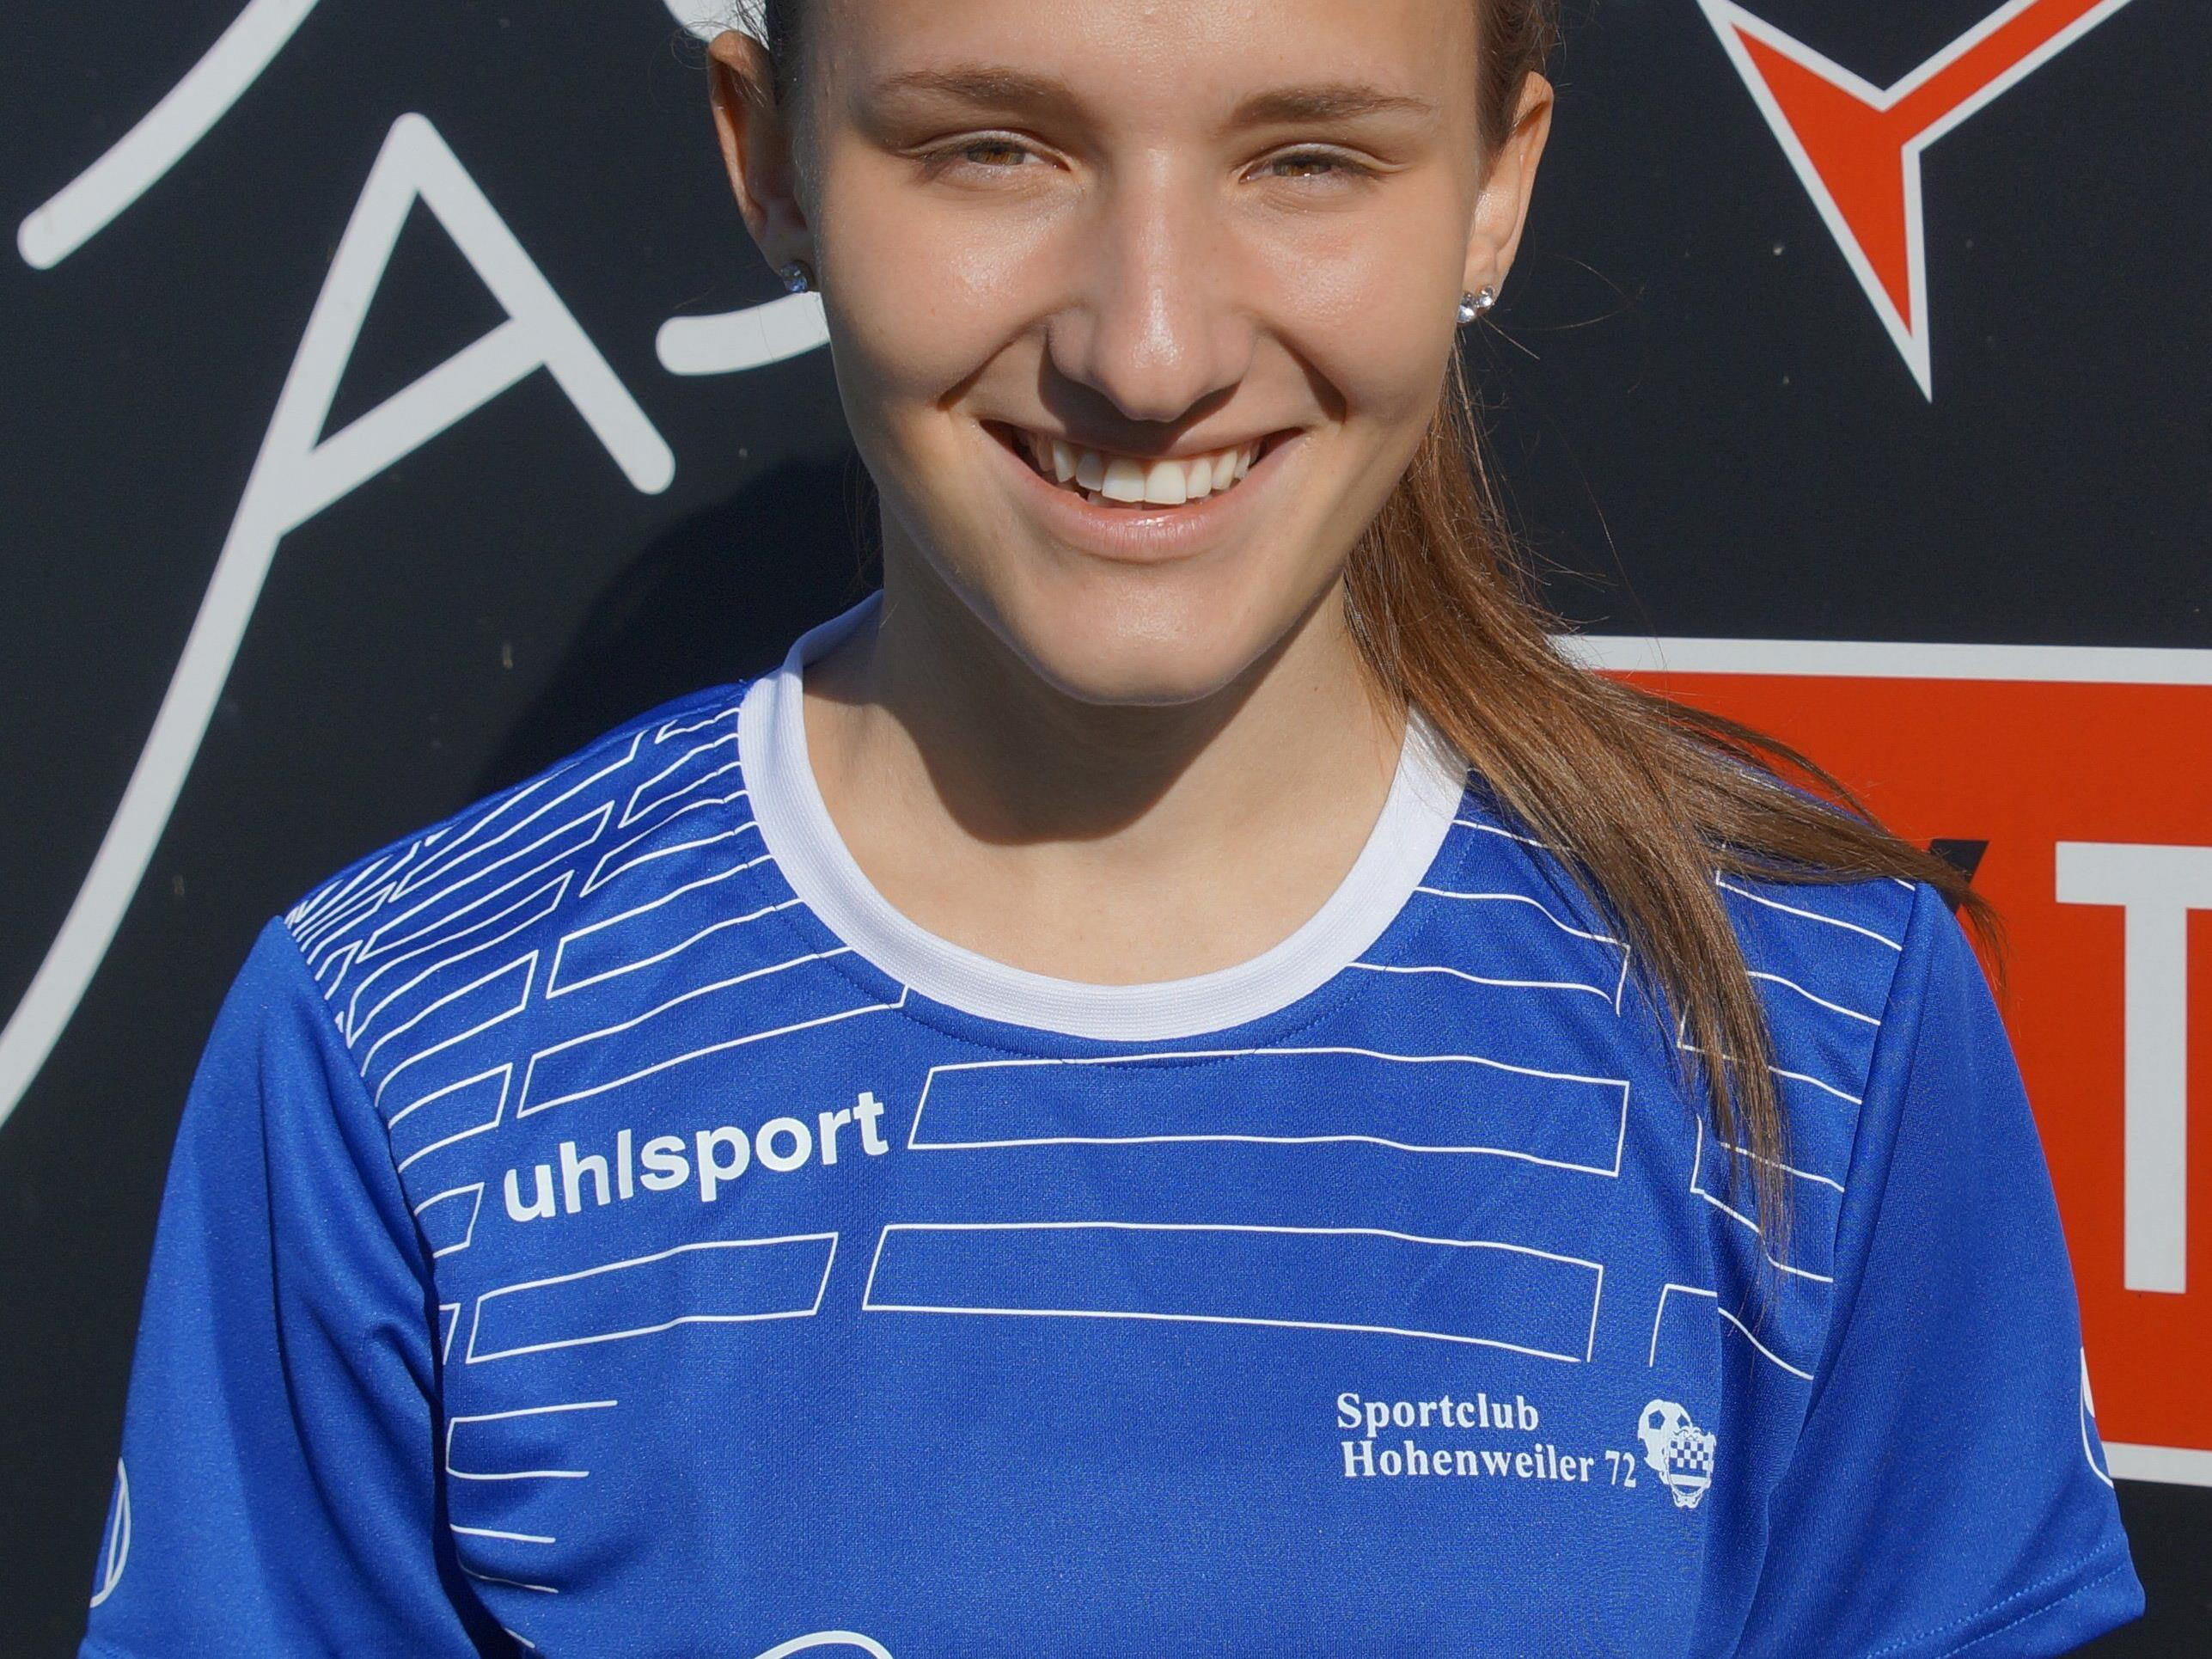 Manuela Leite SPG Leiblachtal